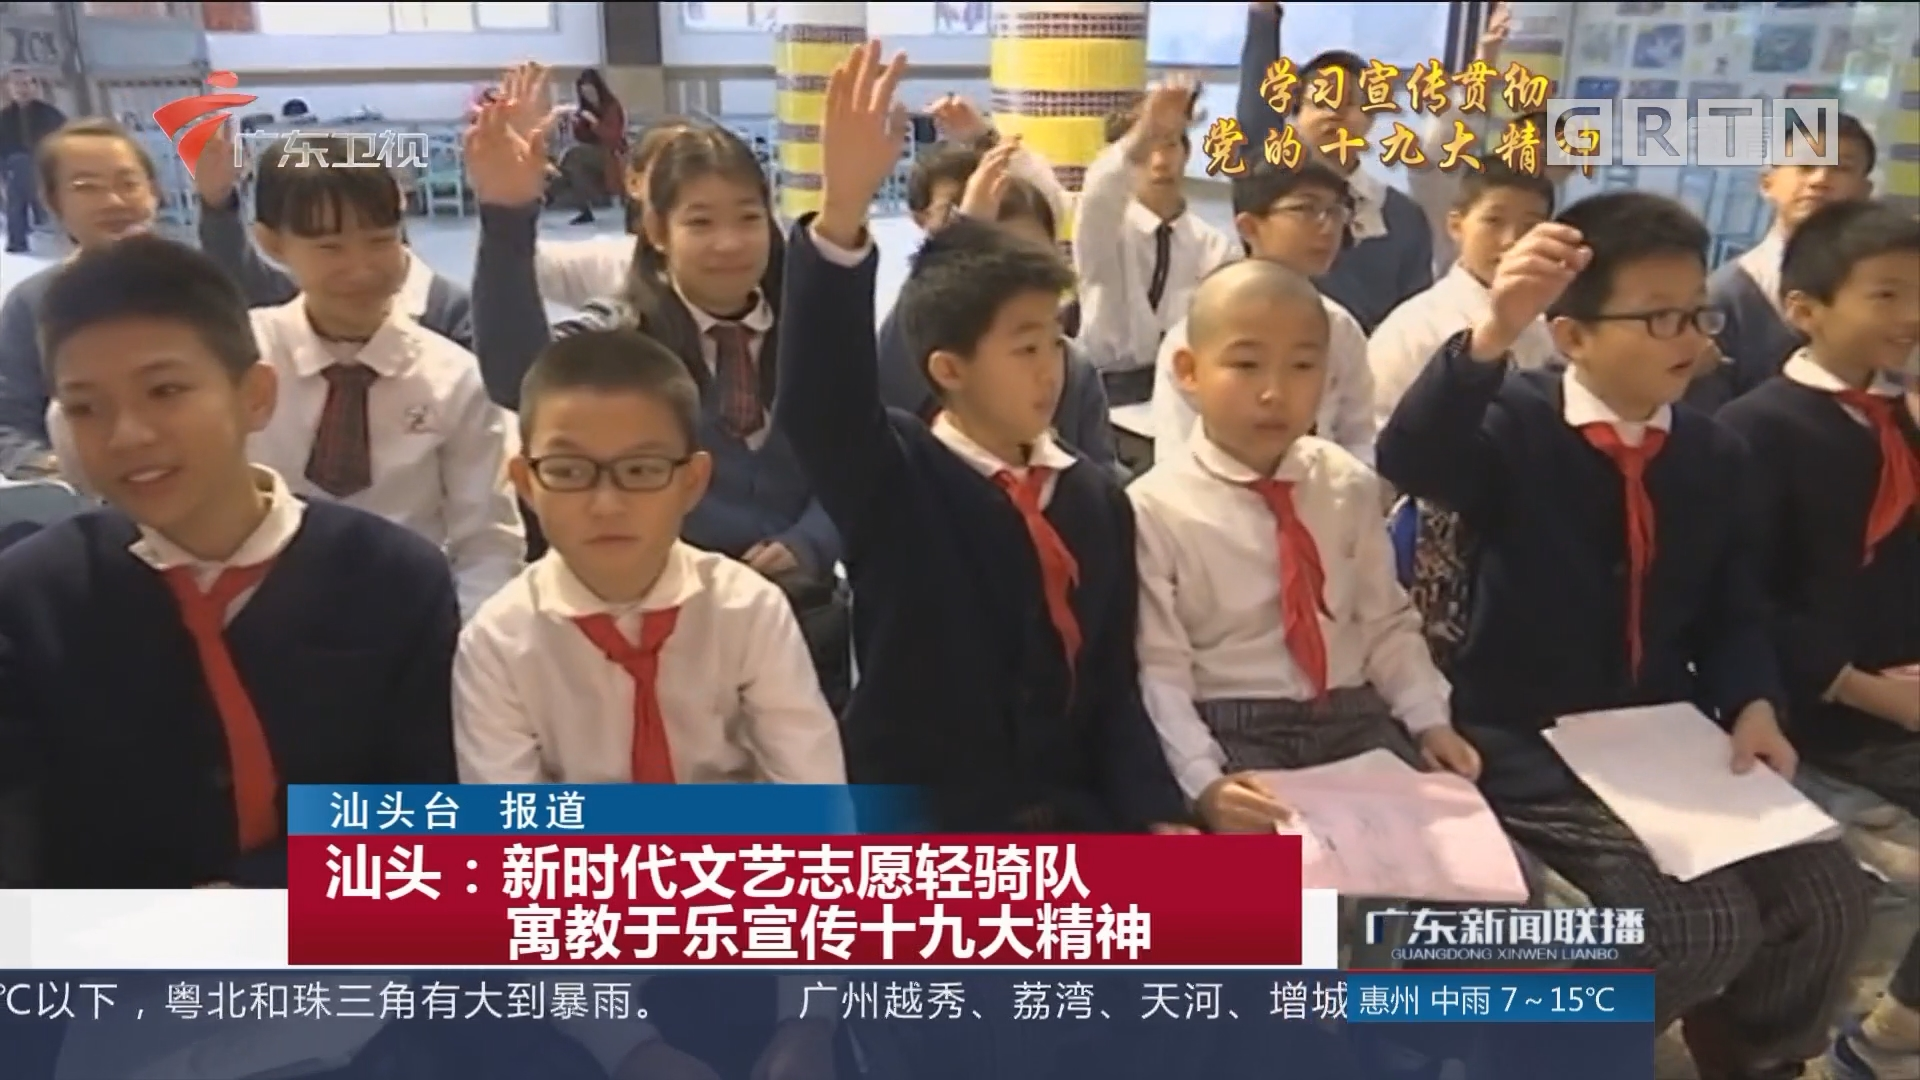 汕头:新时代文艺志愿轻骑队 寓教于乐宣传十九大精神